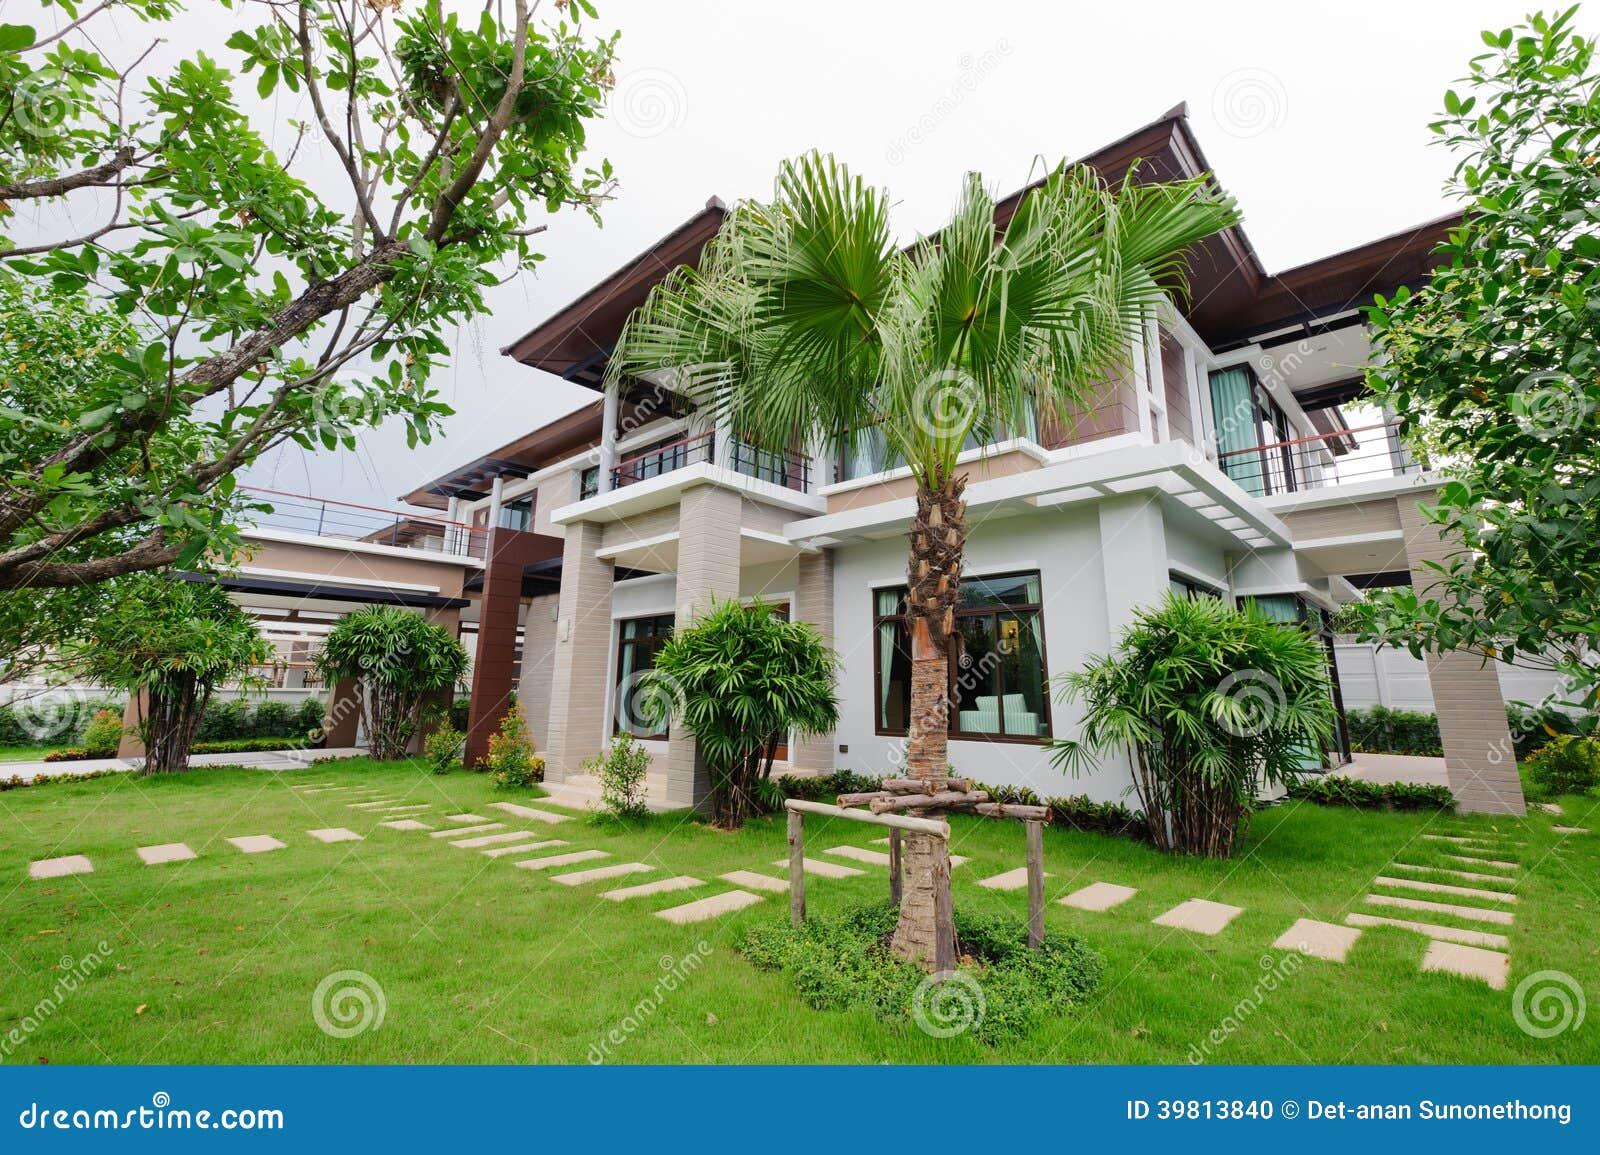 casa-e-jardim-modernos-39813840.jpg